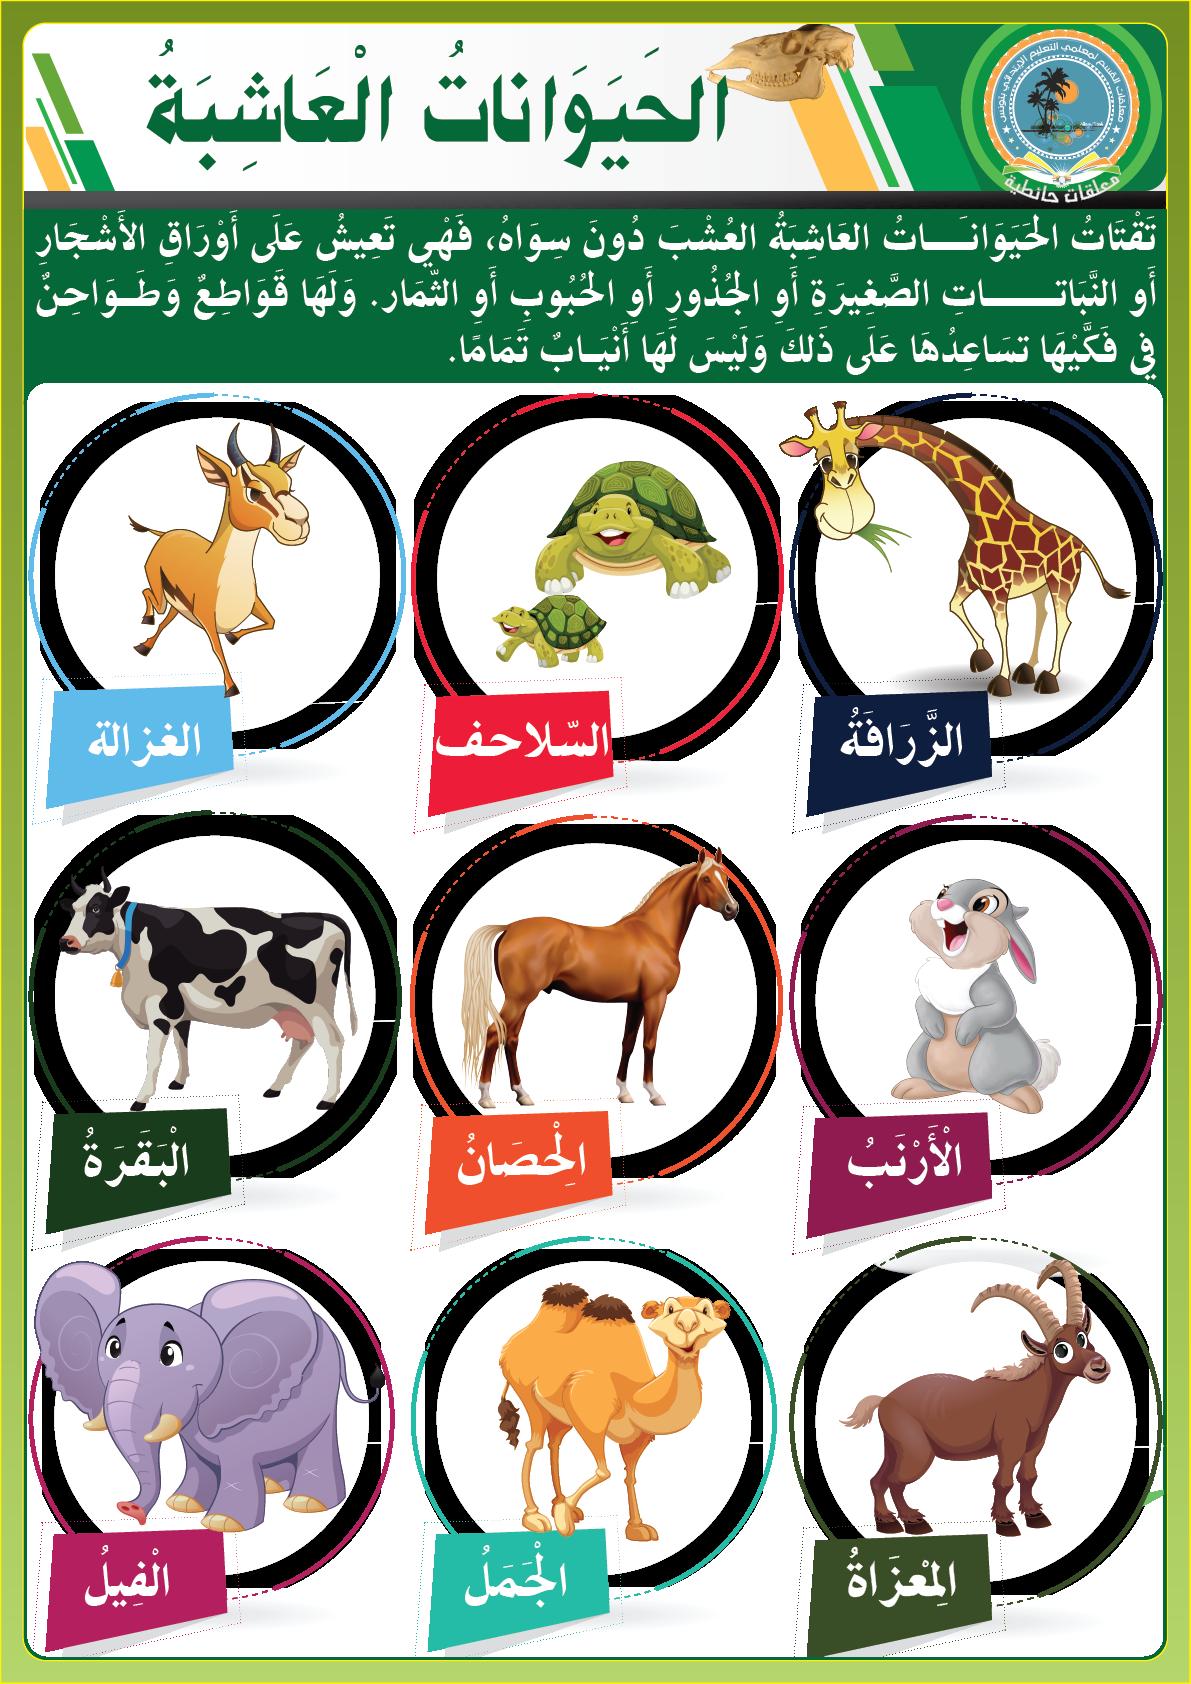 الحيوانات العاشبة Learning Arabic Arabic Language Learn Arabic Online